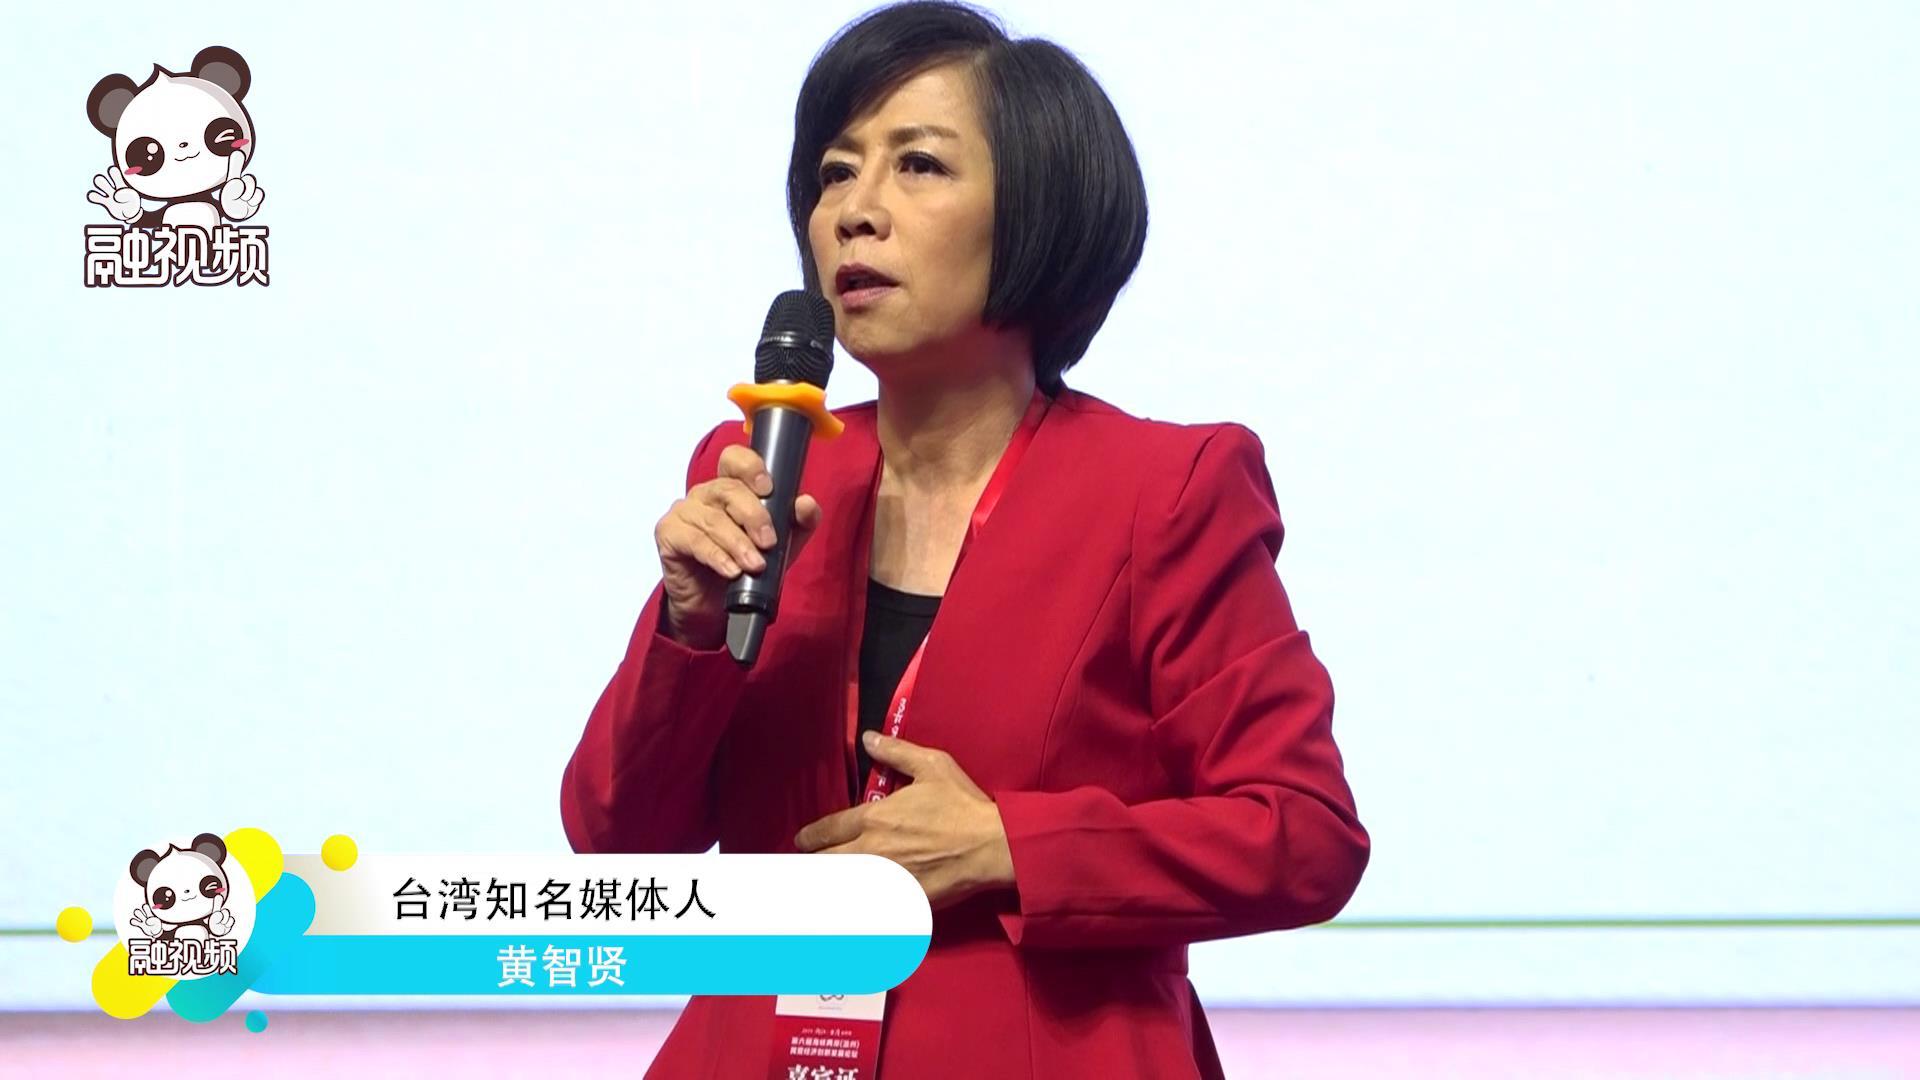 黄智贤:勇敢的温州人 勇敢的台湾人图片